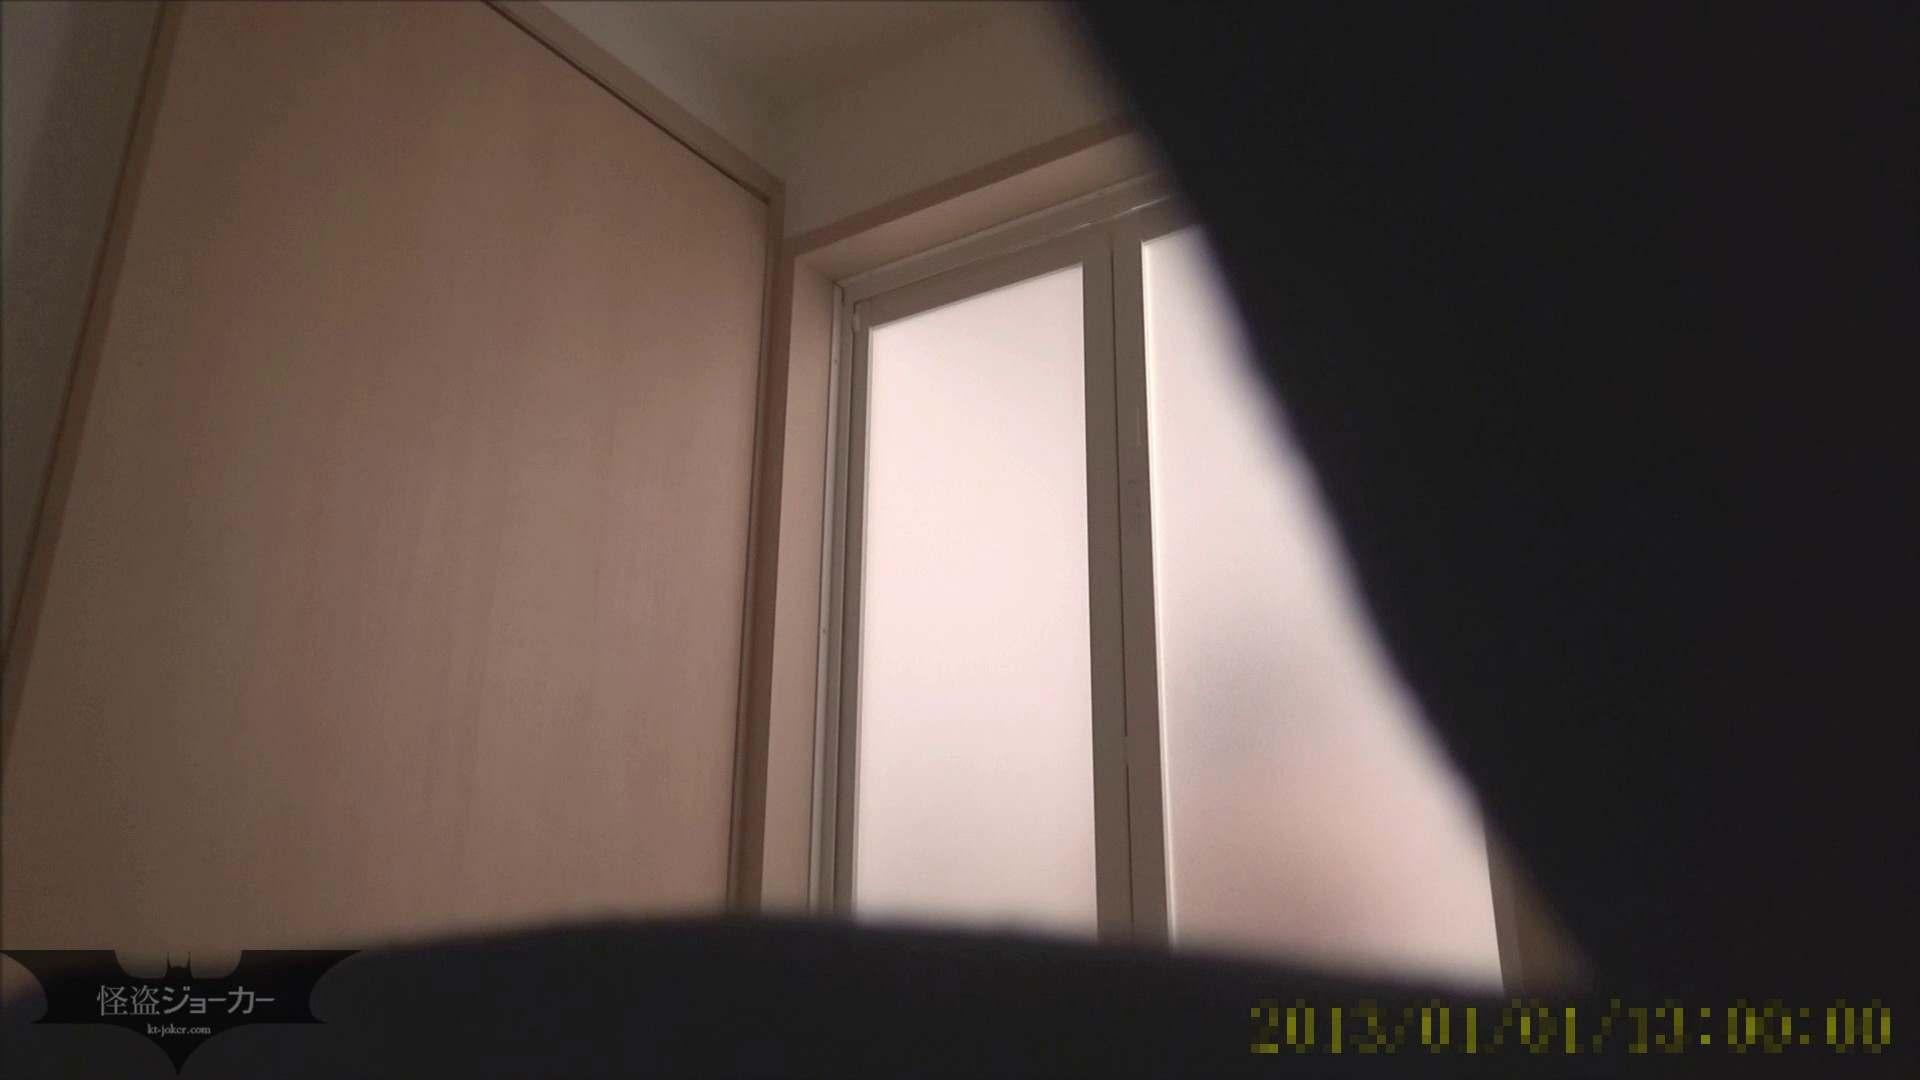 巨乳 乳首:【未公開】vol.103  {黒髪→茶髪ボブに変身}美巨乳アミちゃん④【前編】:怪盗ジョーカー